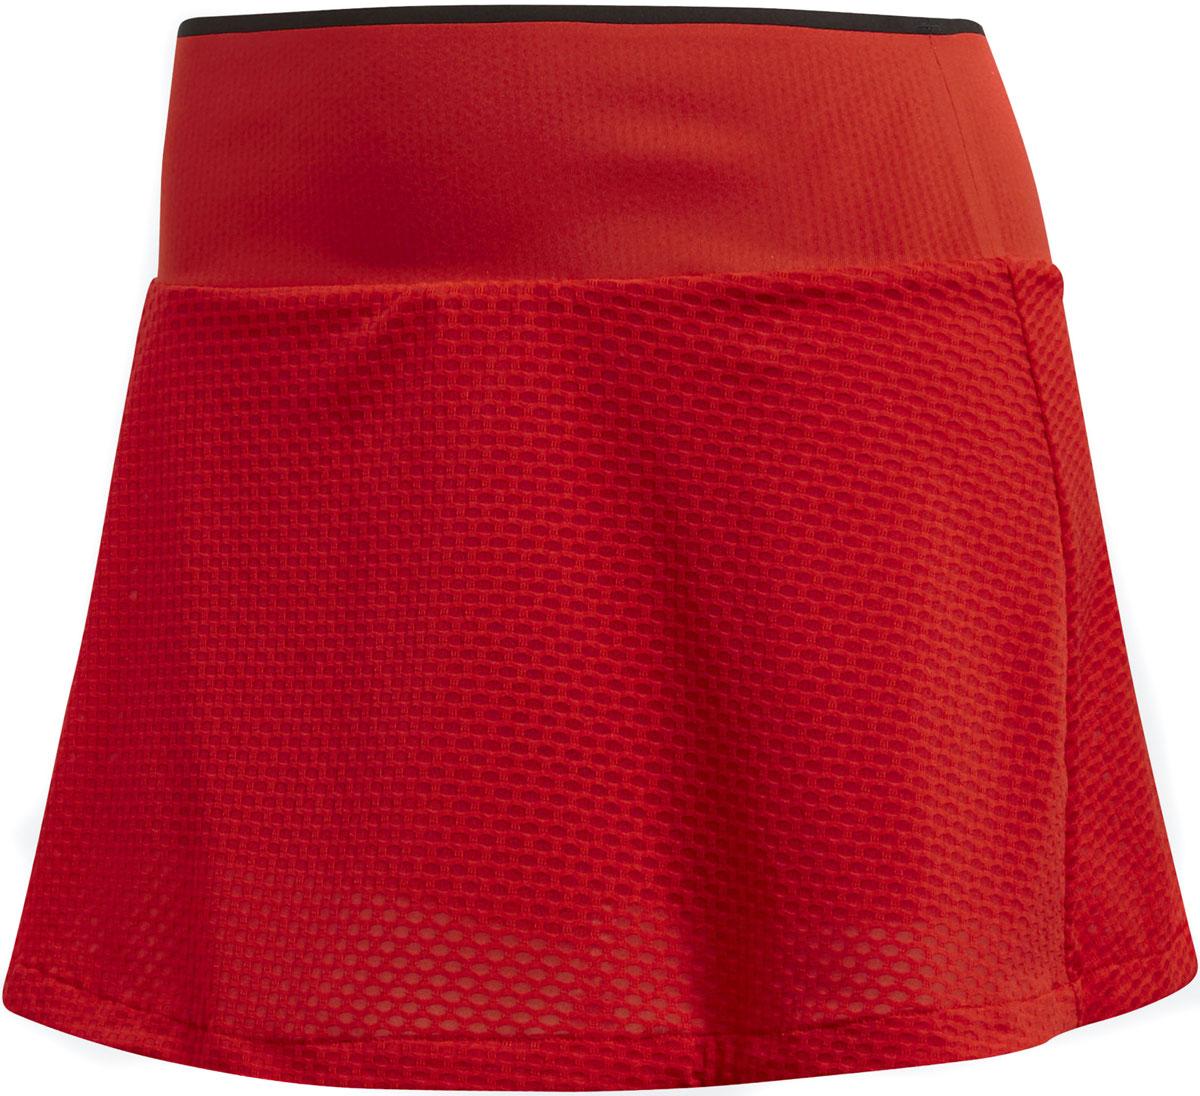 Юбка Adidas Bcade Skirt, цвет: красный. CE1452. Размер S (42/44)CE1452В этой теннисной юбке от Adidas ты будешь готова к самым напряженным моментам матча. Быстросохнущая дышащая ткань с технологией Climacool сохраняет приятное ощущение прохлады и свежести и защищает от УФ-лучей. Юбка имеет широкий эластичный пояс. Вшитые шорты предусмотрены для дополнительного комфорта. Юбка оформлена логотипом adidas у нижнего края и ярлычком Barricade, расположенным сзади на бедре.